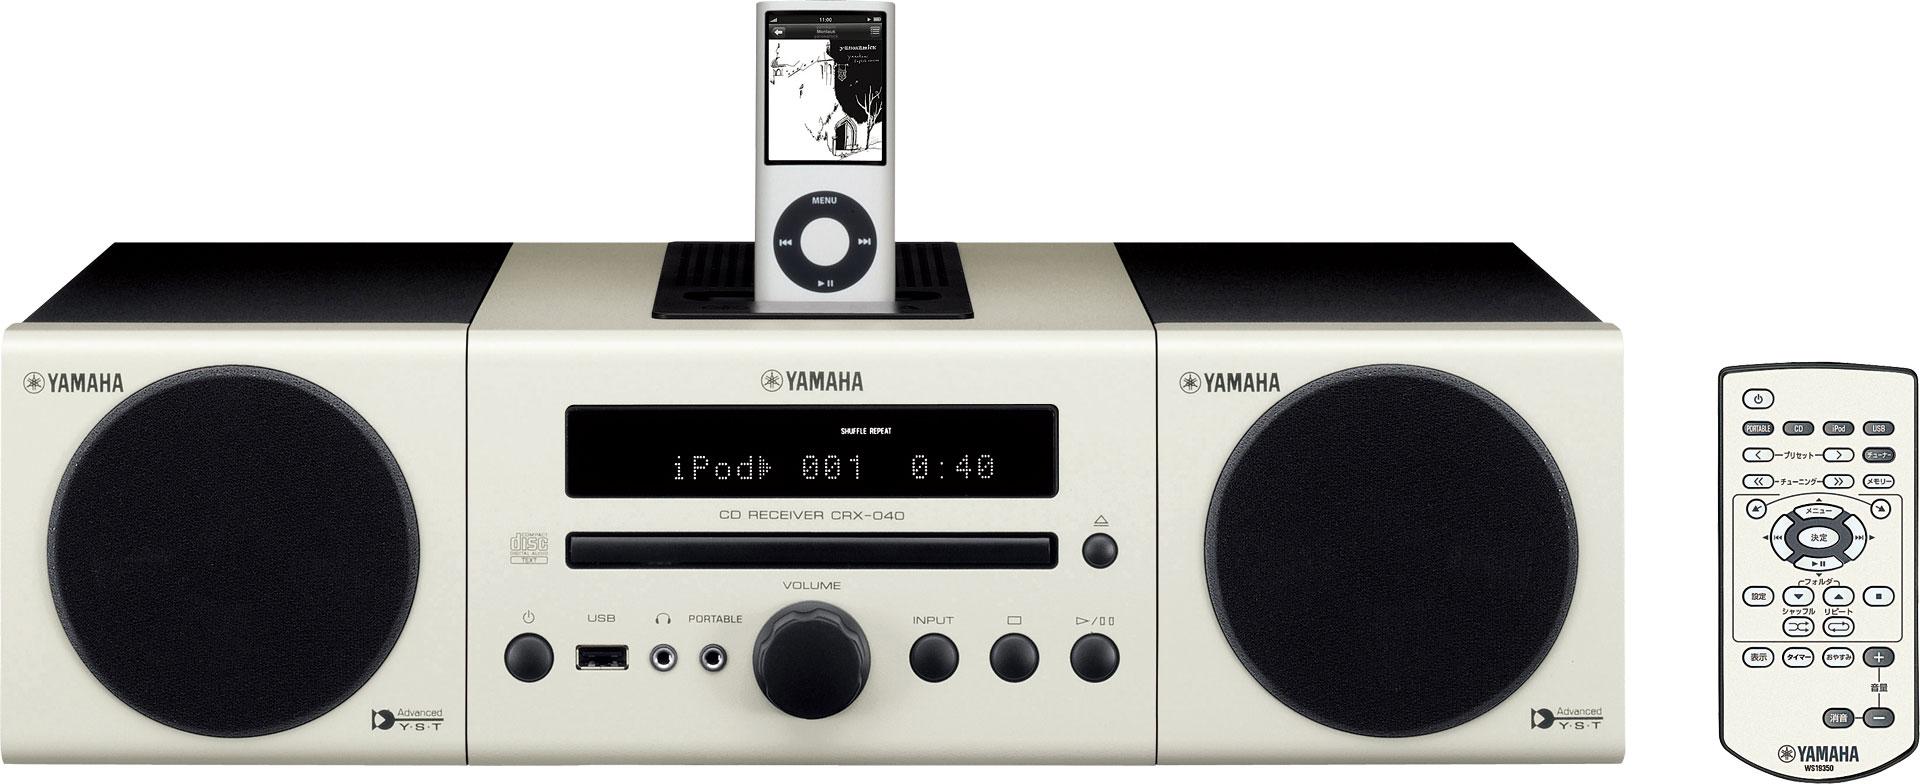 iPodを鳴らすコンポーネント_c0025115_2333627.jpg